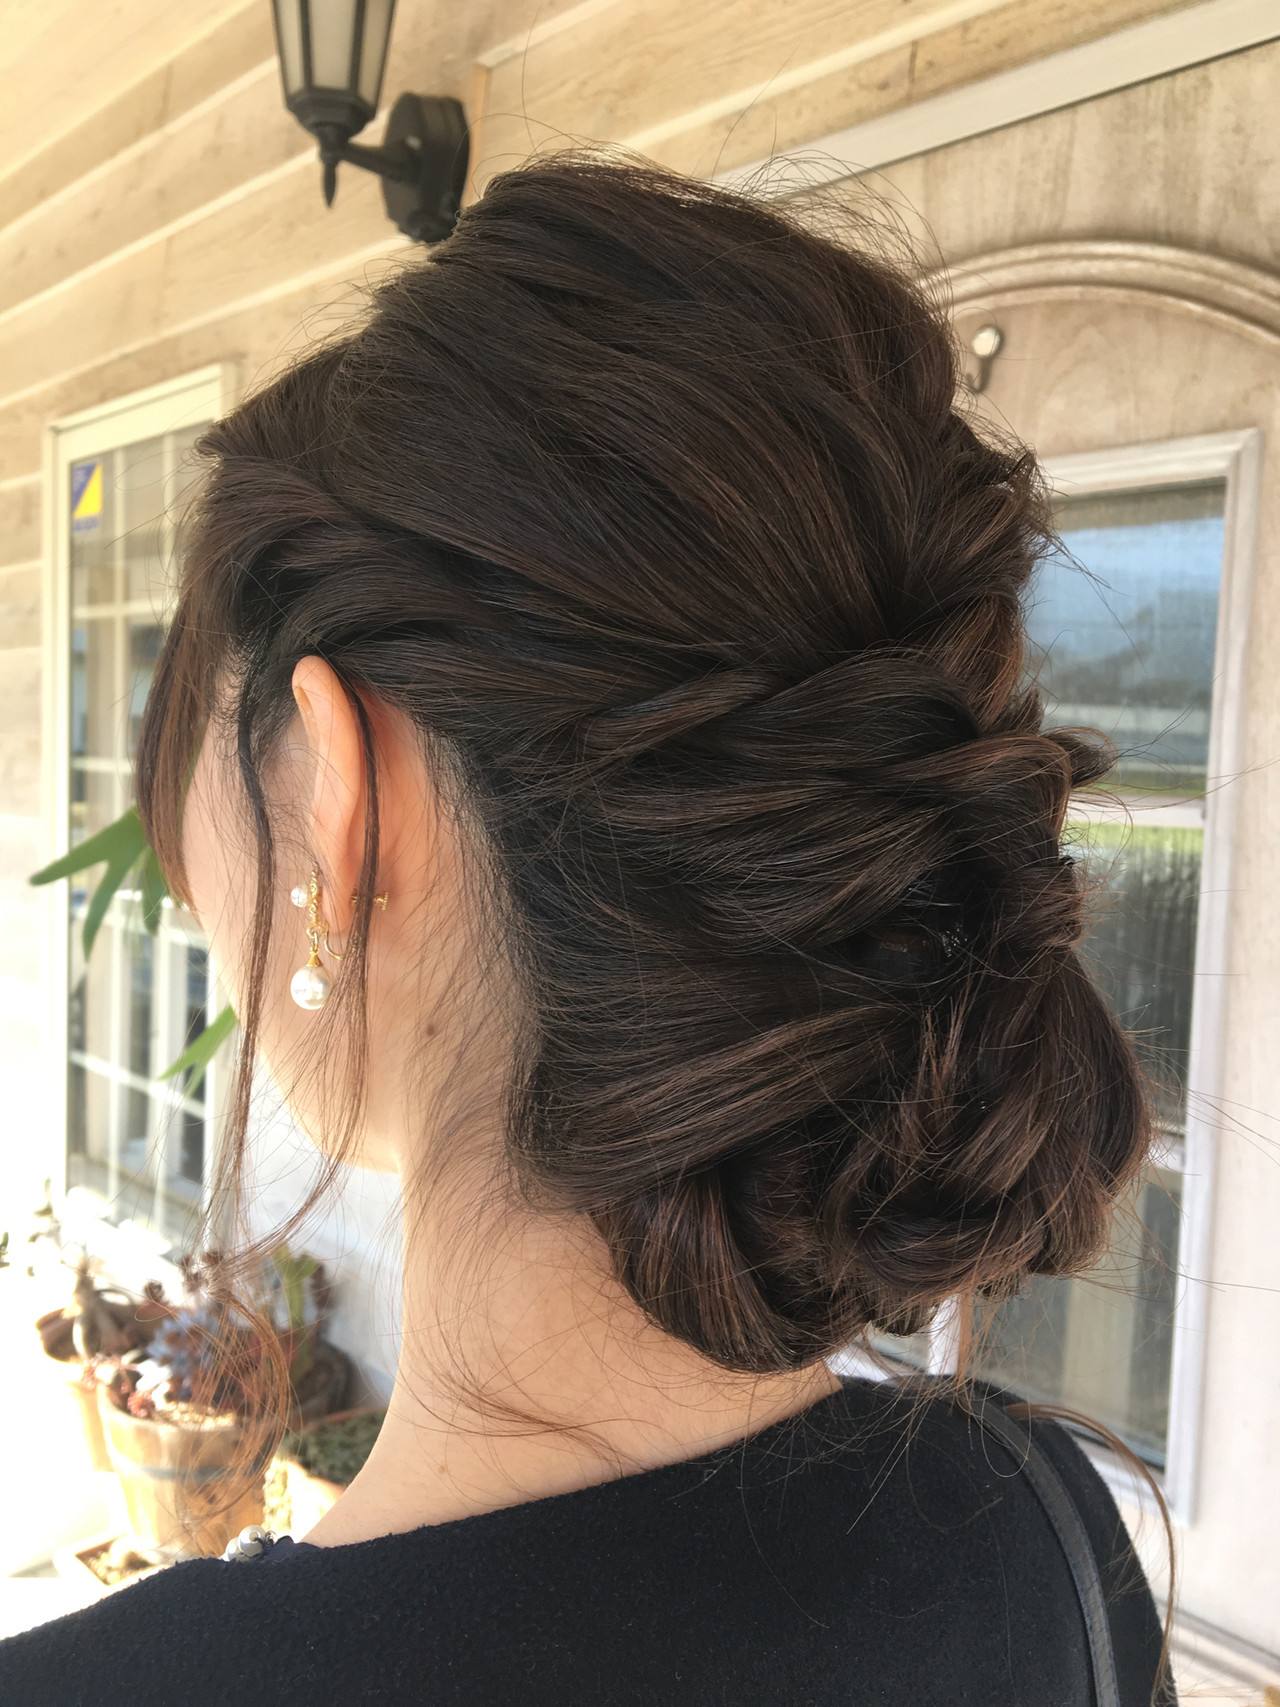 結婚式 フェミニン シニヨン ロングヘア ヘアスタイルや髪型の写真・画像 | MOMOKO / HairworksZEAL